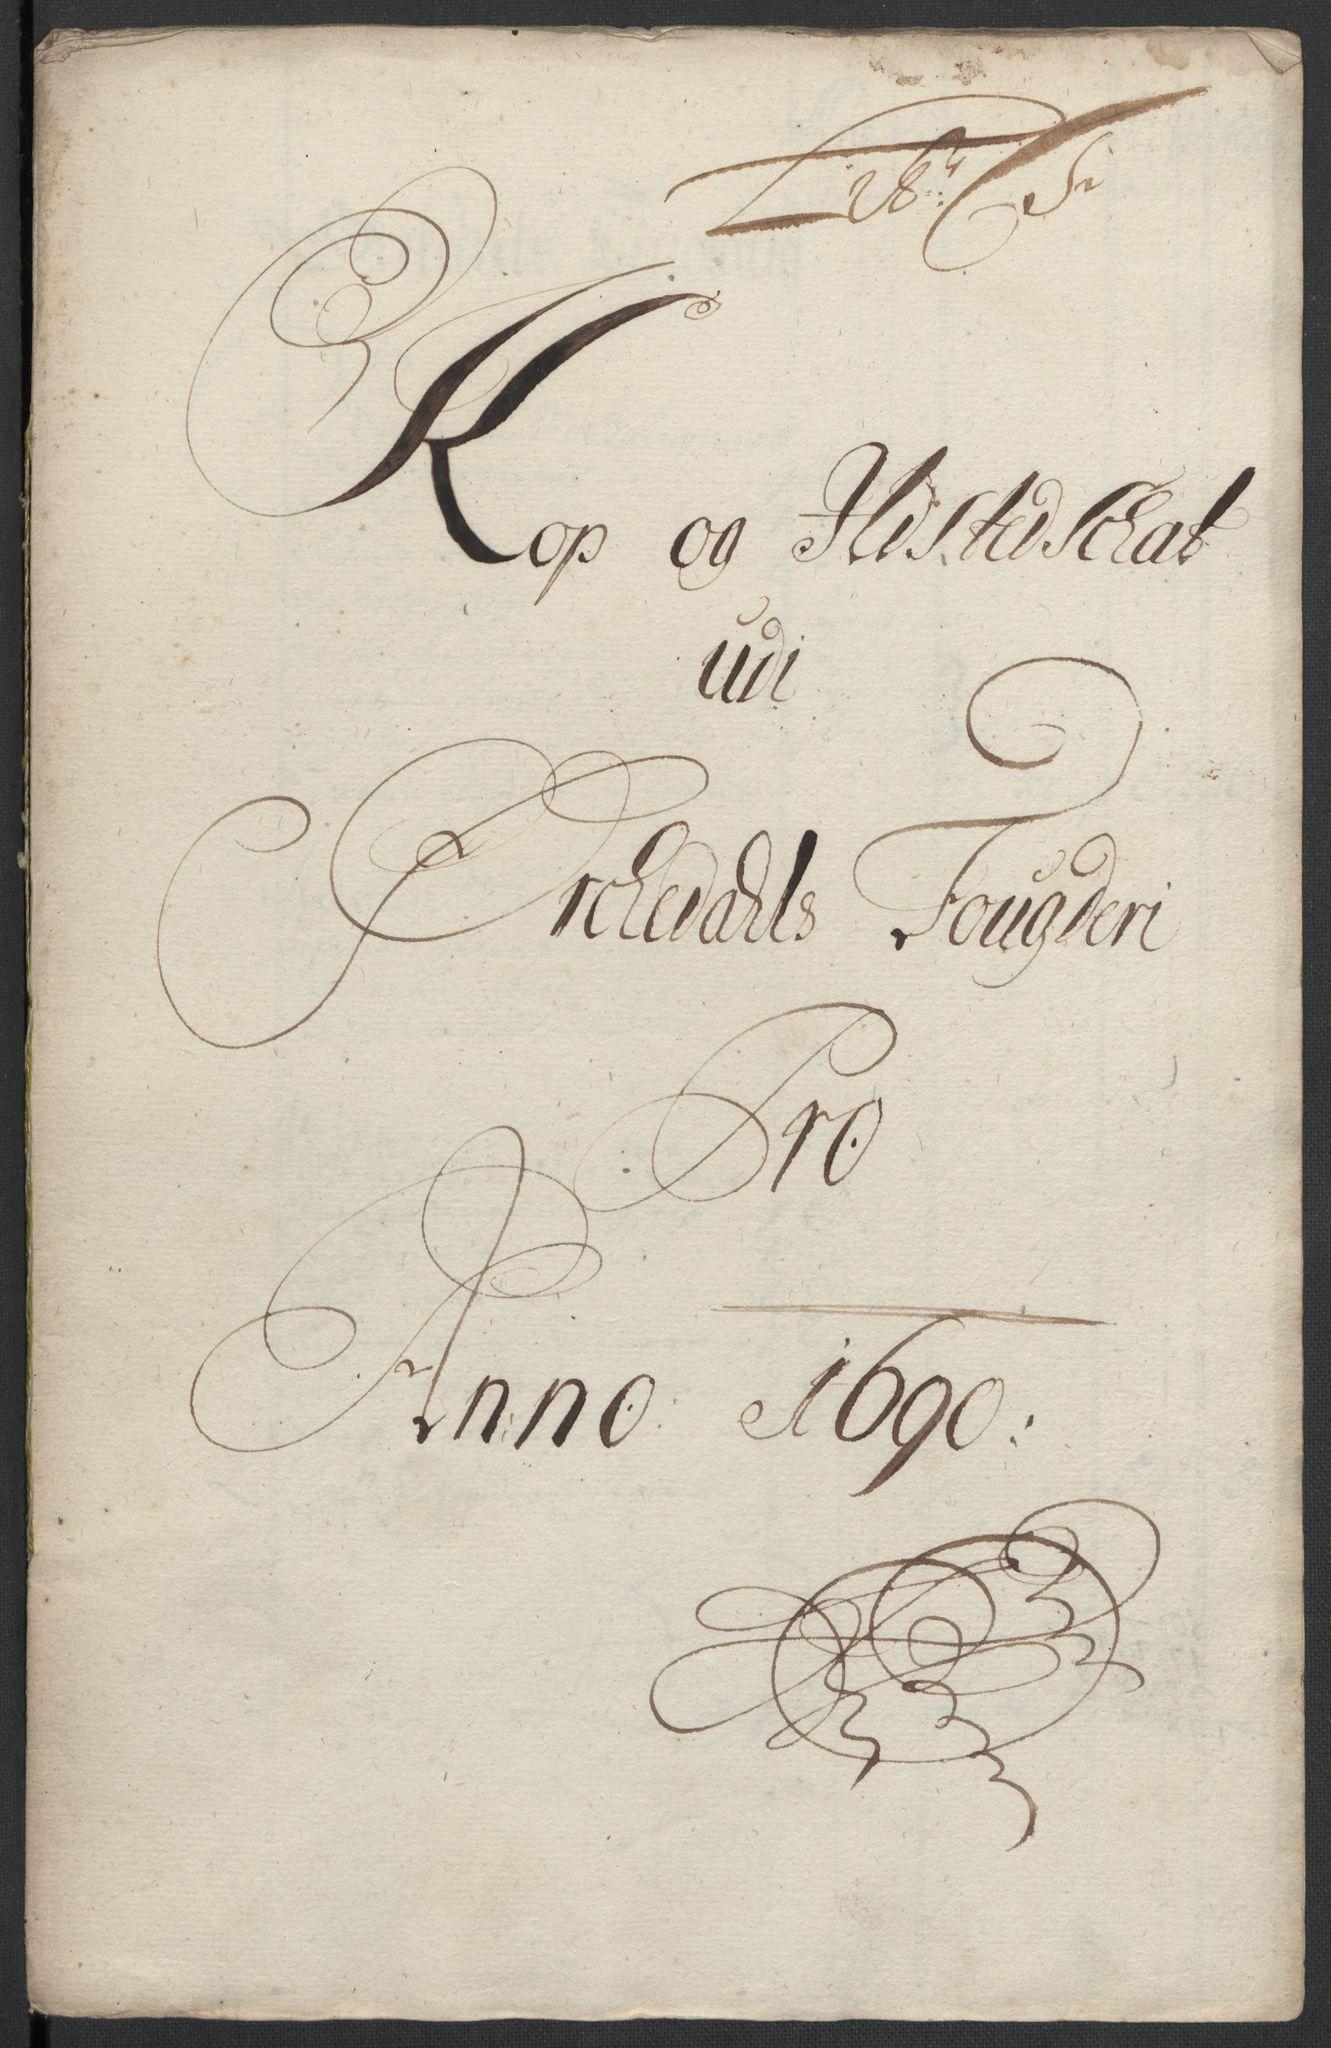 RA, Rentekammeret inntil 1814, Reviderte regnskaper, Fogderegnskap, R58/L3936: Fogderegnskap Orkdal, 1689-1690, s. 366